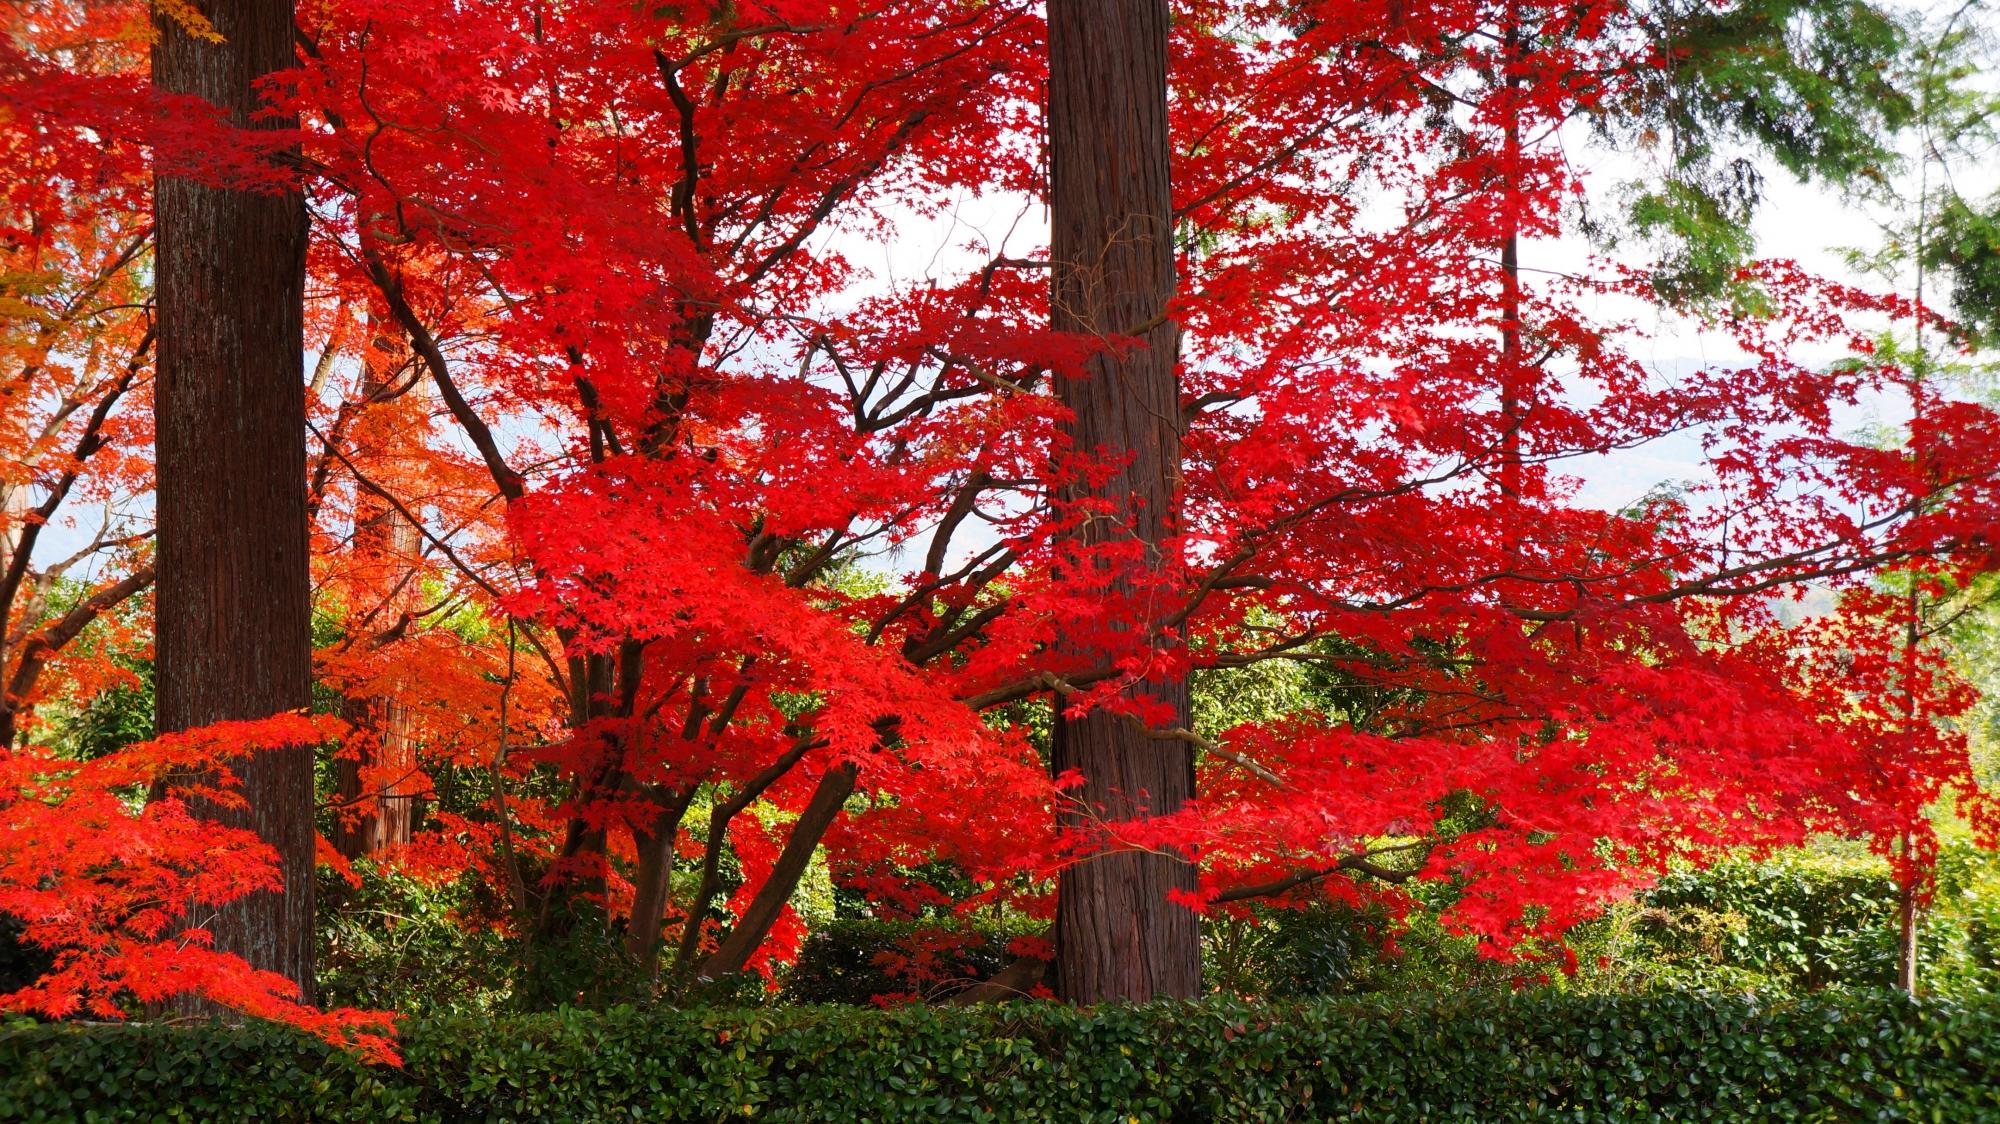 比叡山借景庭園の緑の生垣と真っ直ぐな杉の木